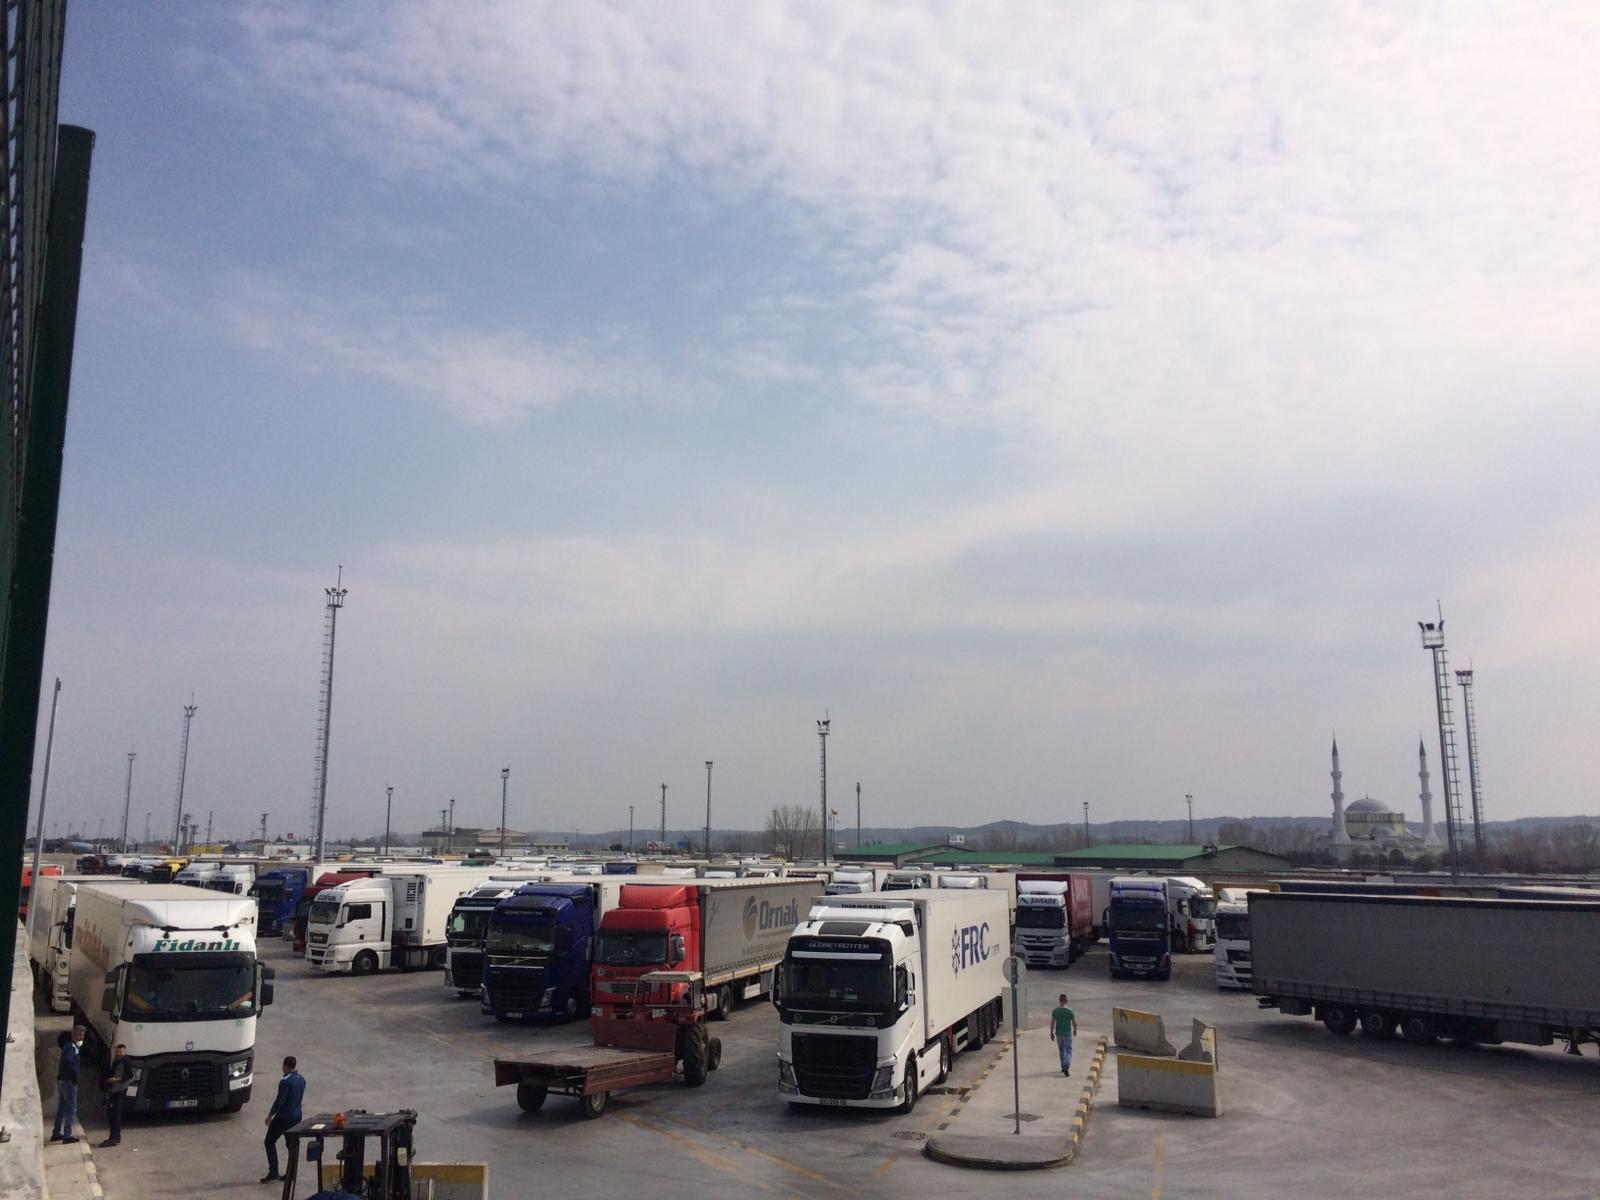 UND'den COVİD-19 Testleri Önce Yurt Dışından Gelen ve Ticareti Taşıyan TIR Sürücülerine Yapılsın Talebi